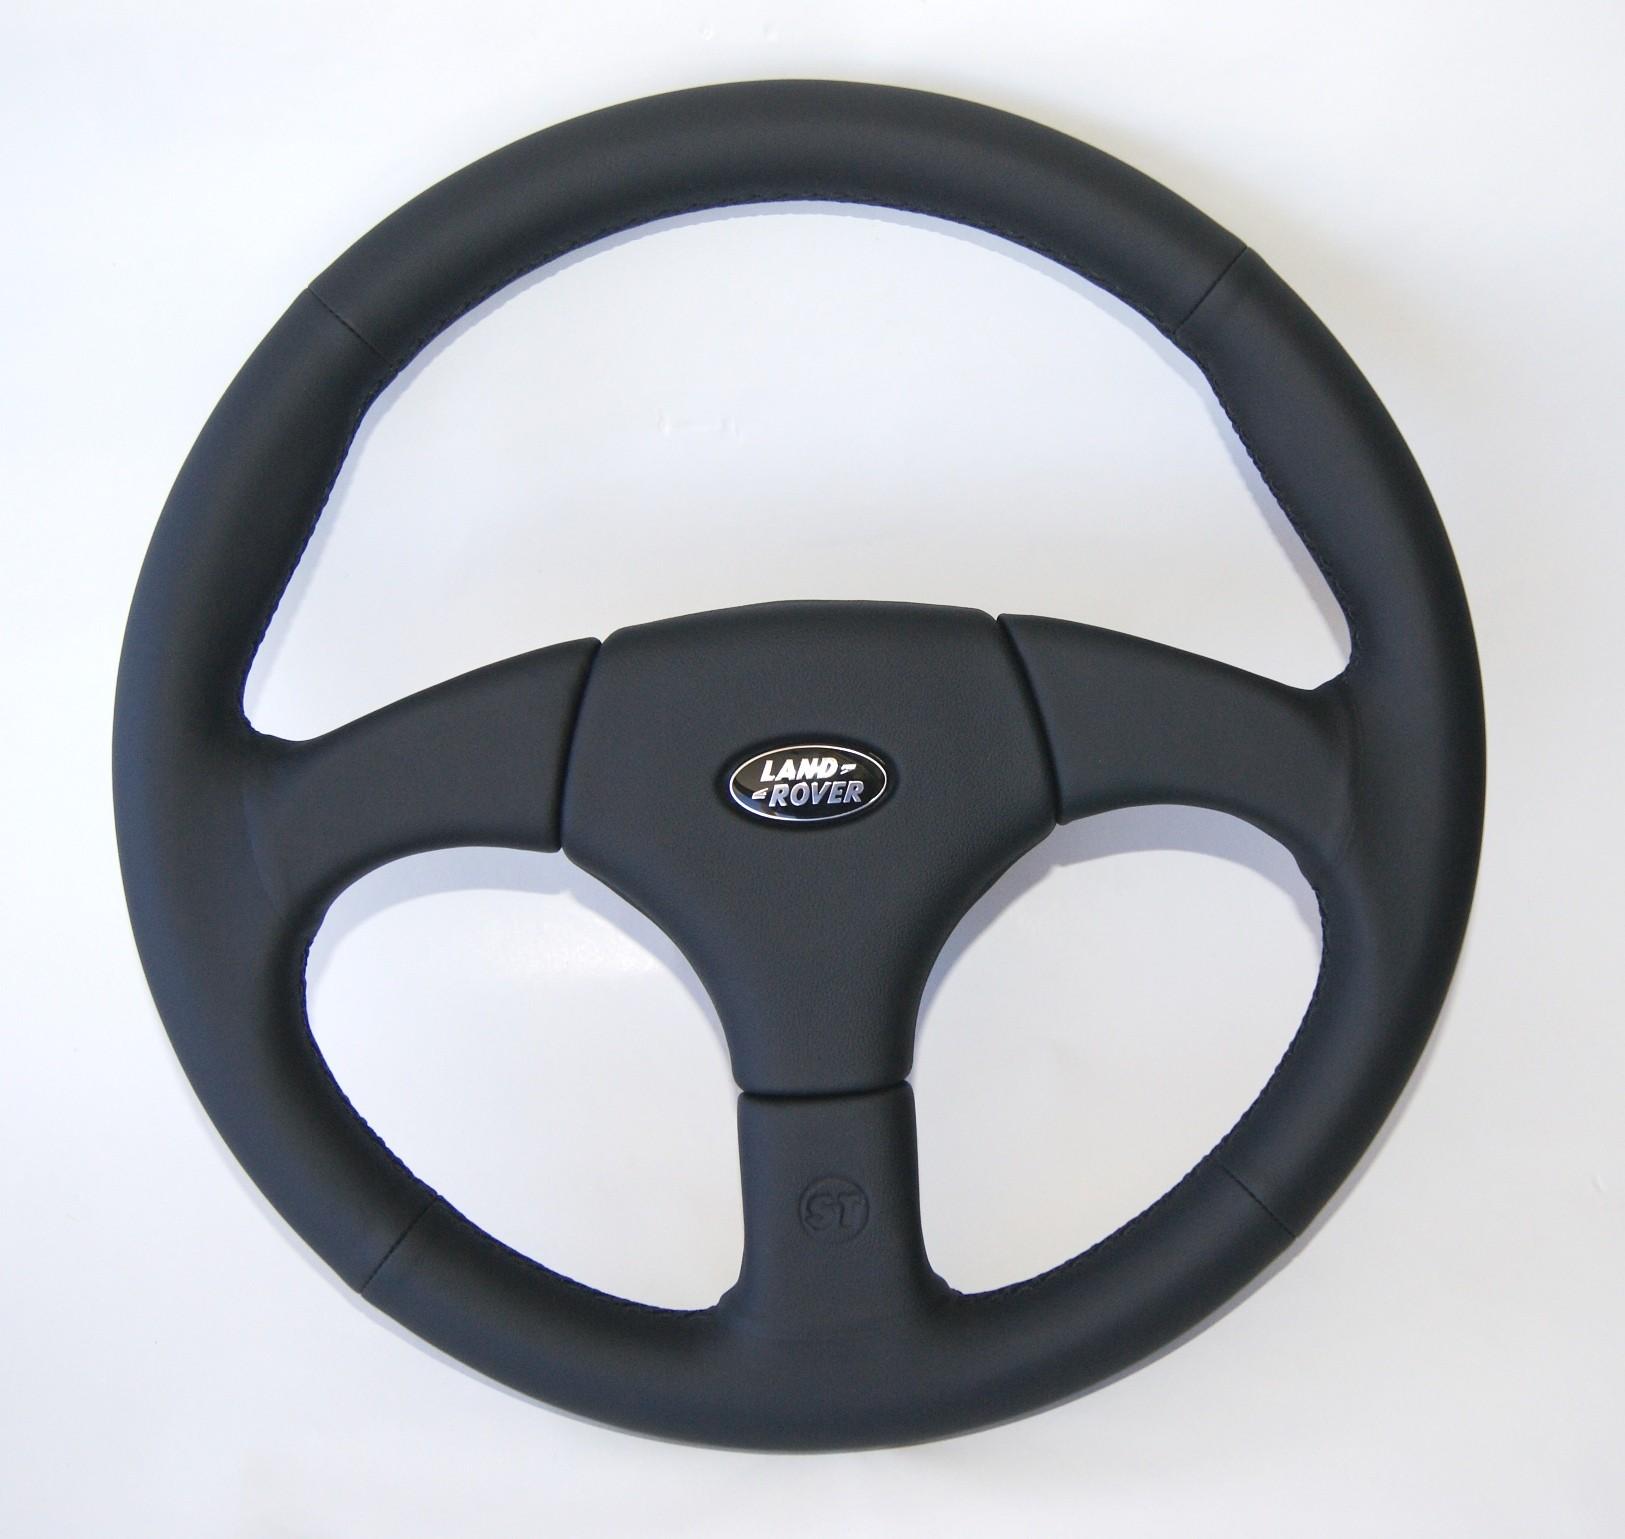 4x4 Outdoor Tuning Startech Sport Steering Wheel 360mm